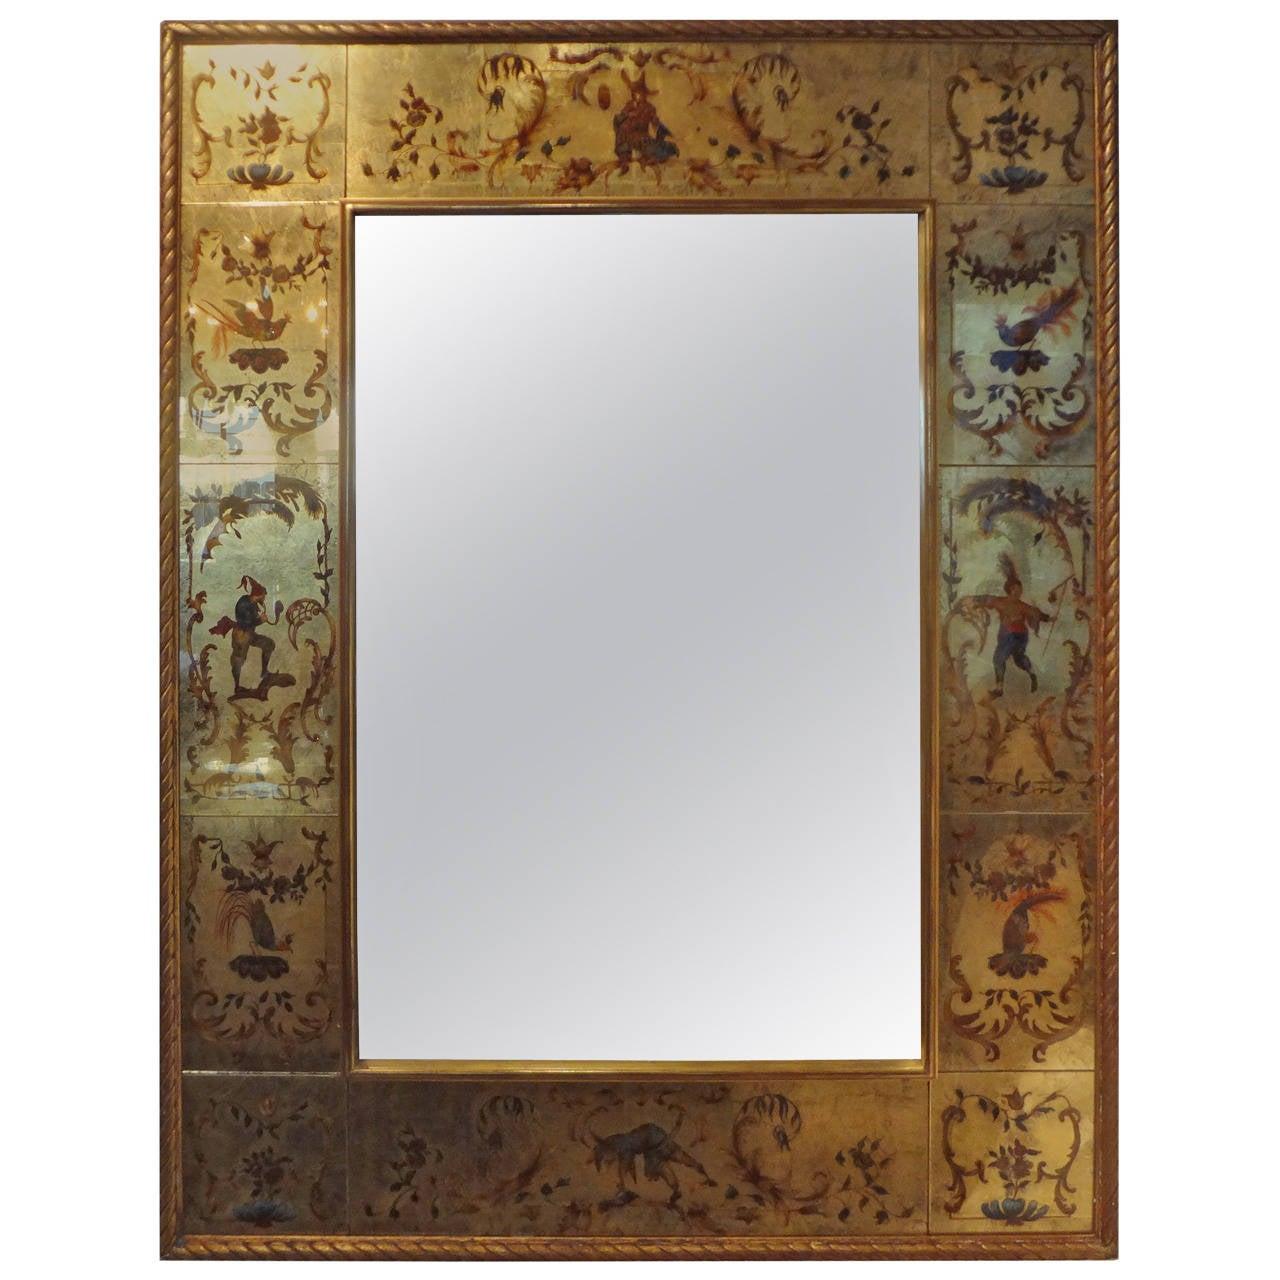 French Maison Jansen Style Verre Églomisé Mirror, 1940s (51 x 38 )